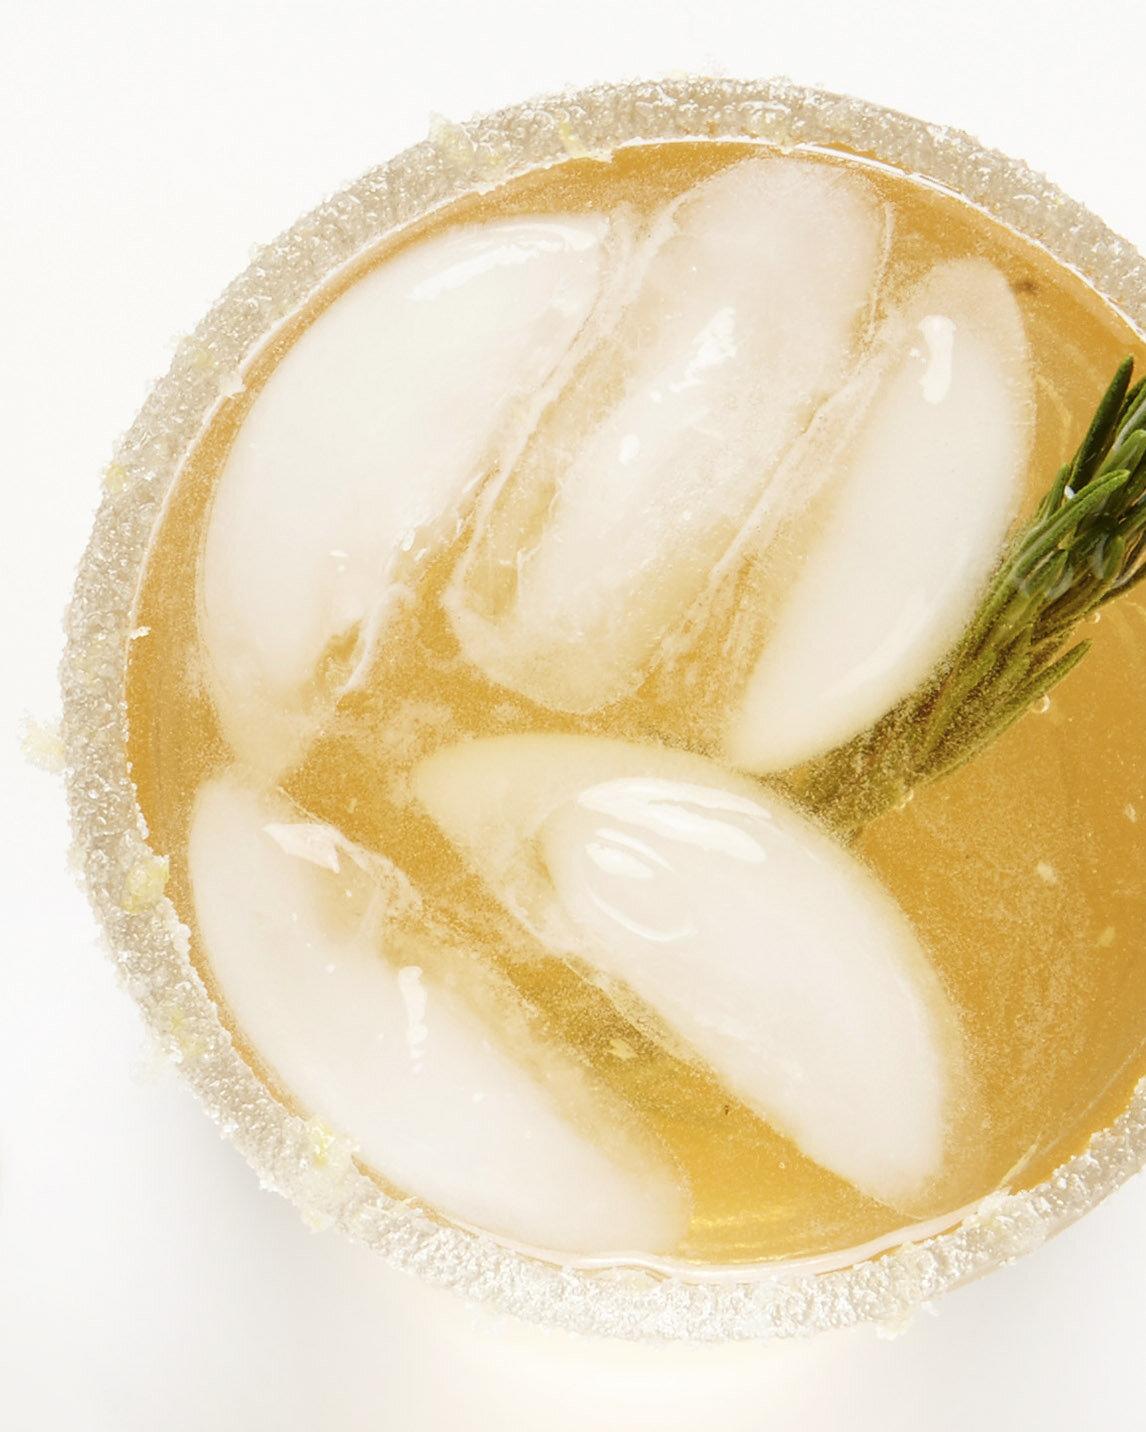 Lemon Vodka And Ginger Beer Cocktail Recipe Bite Me More